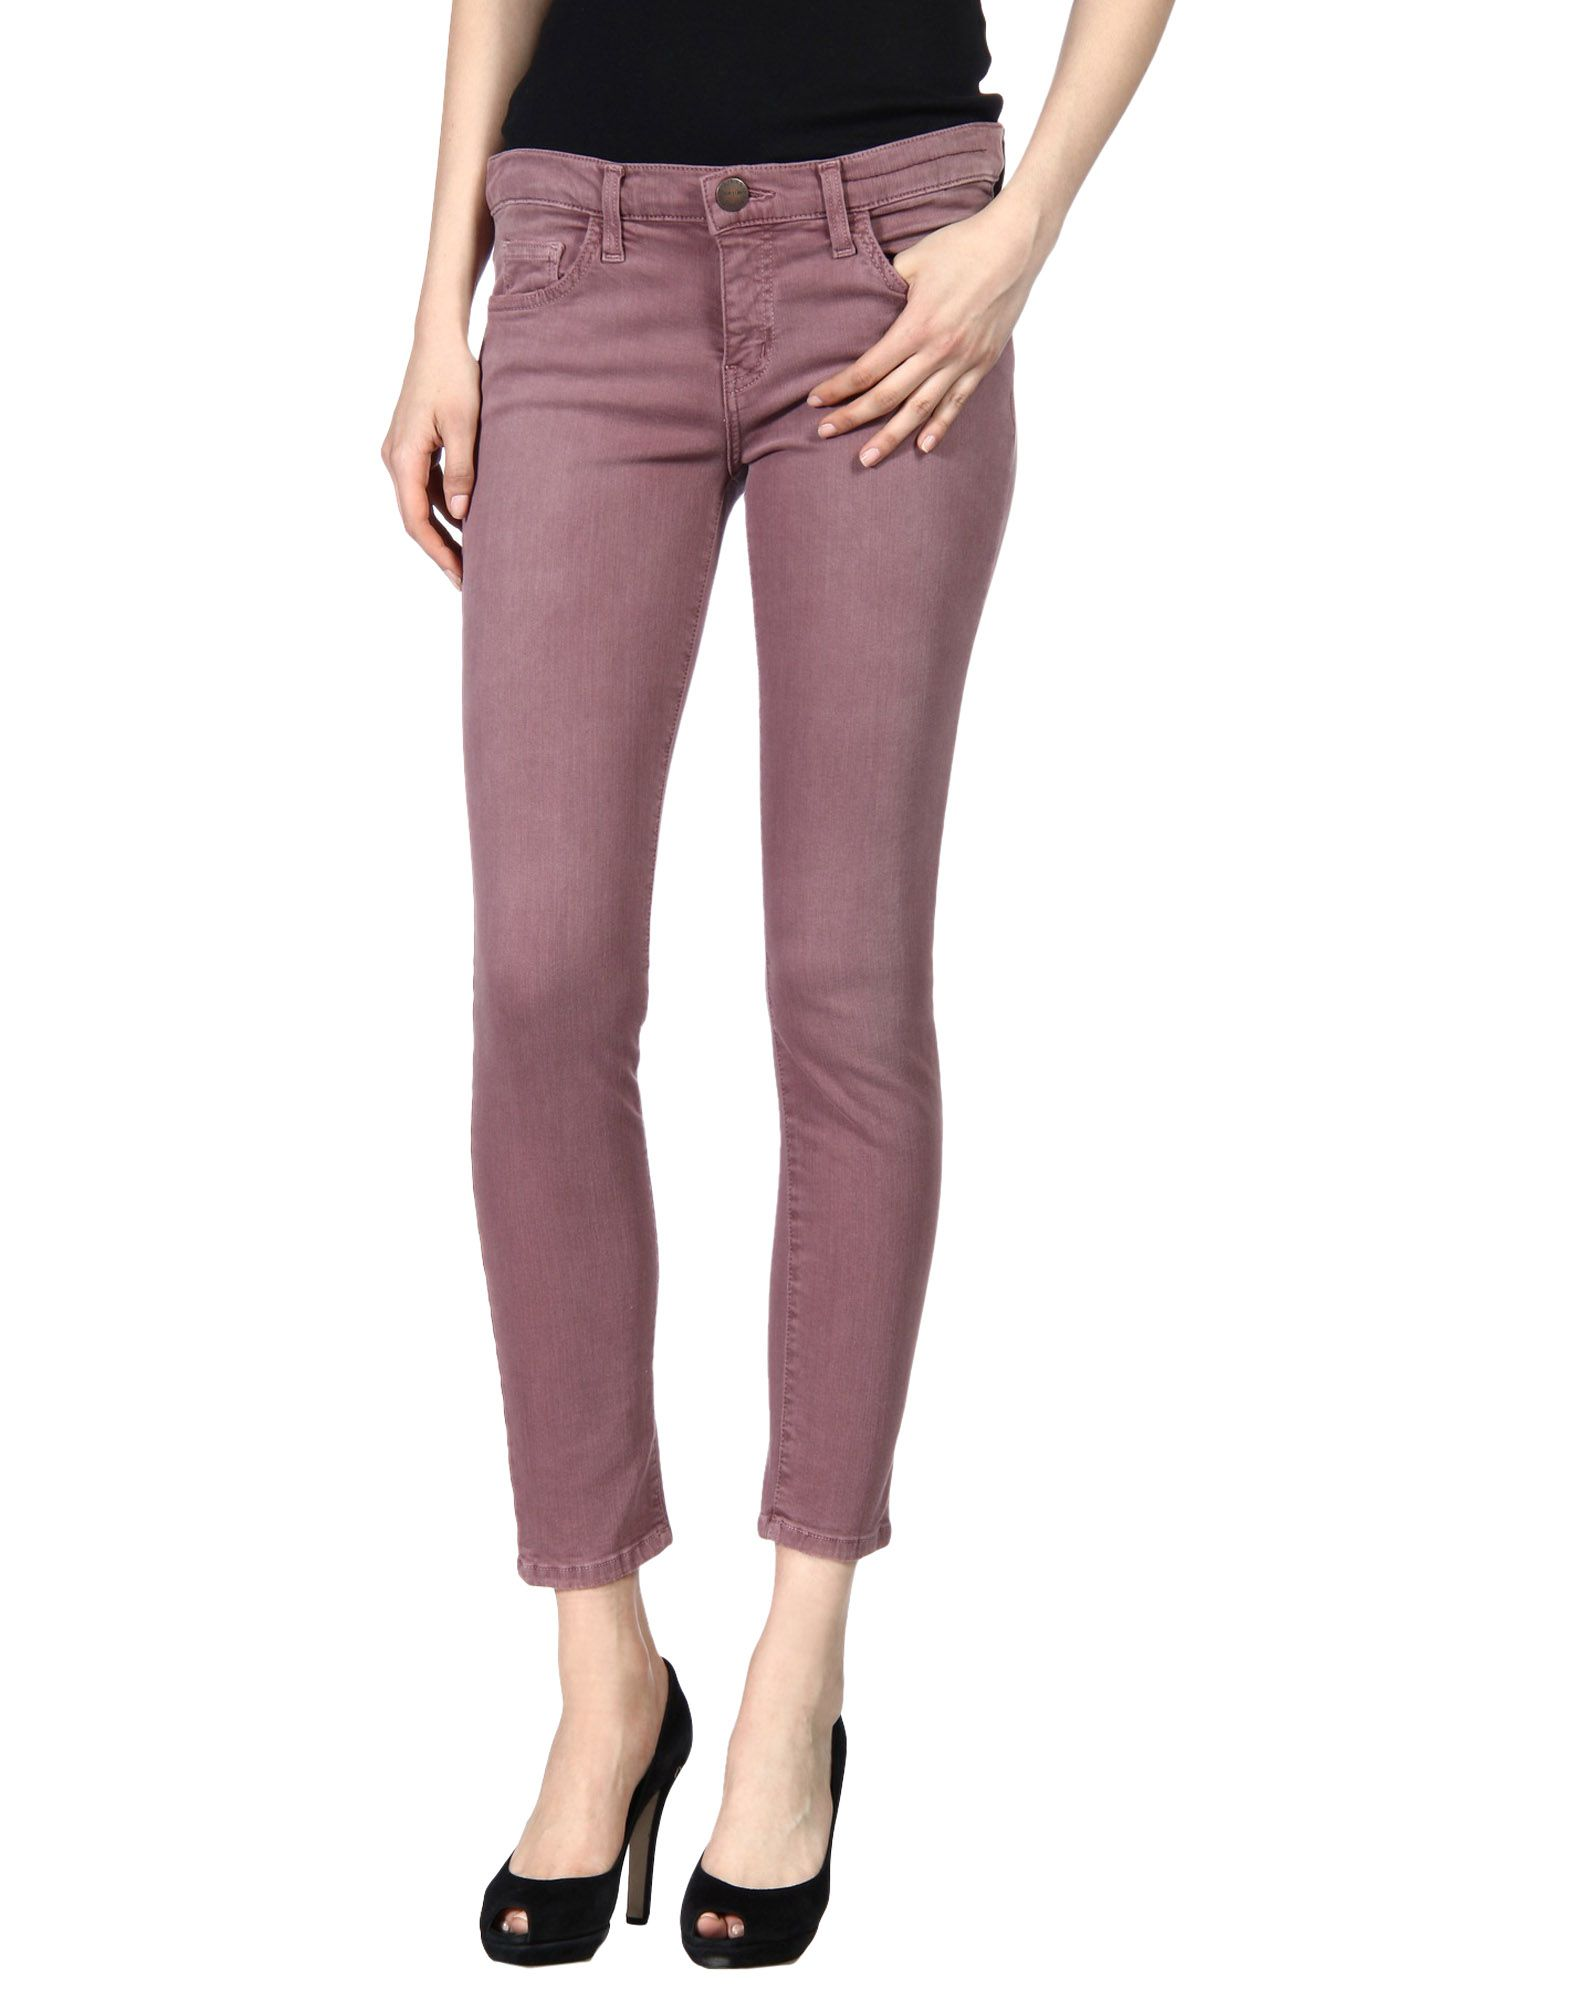 CURRENT / ELLIOTT Jeans